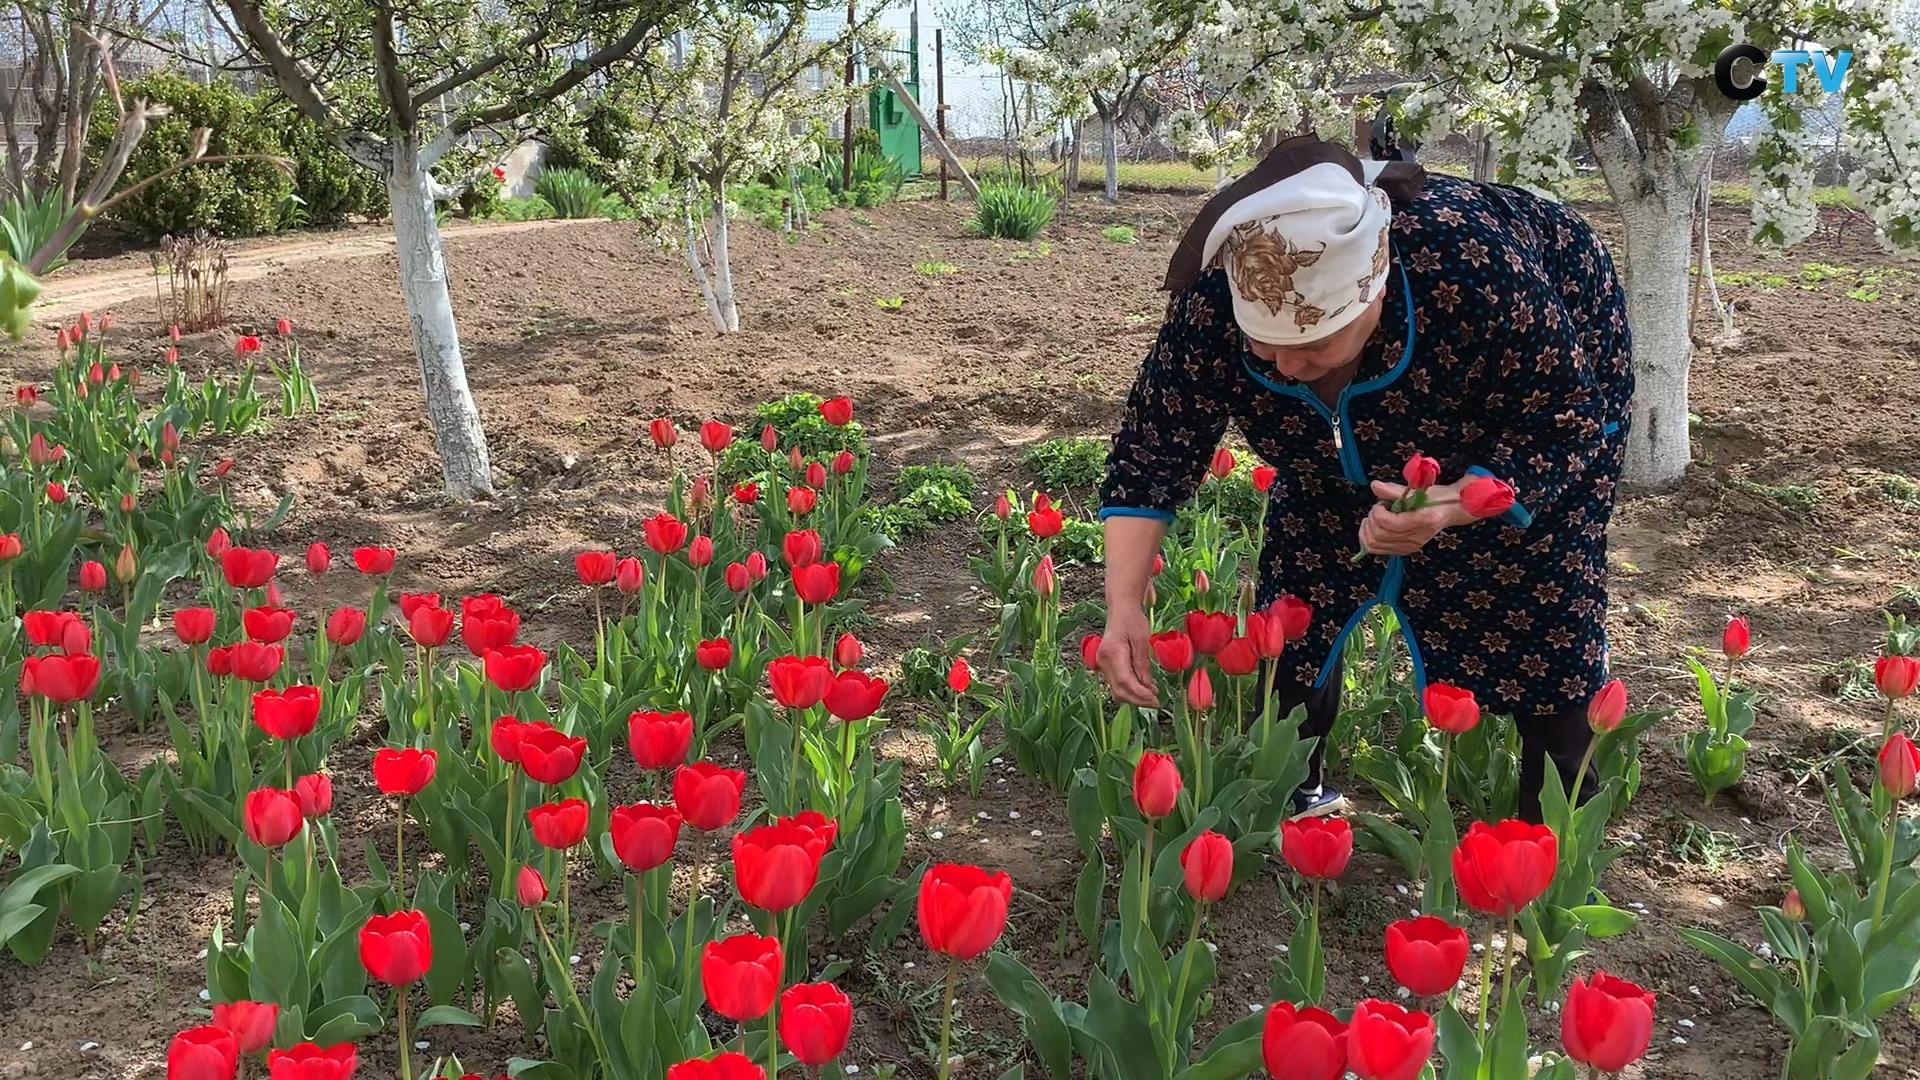 Mătușa Parascovia în grădina sa din Sângera. FOTO: Mihaela Baciu